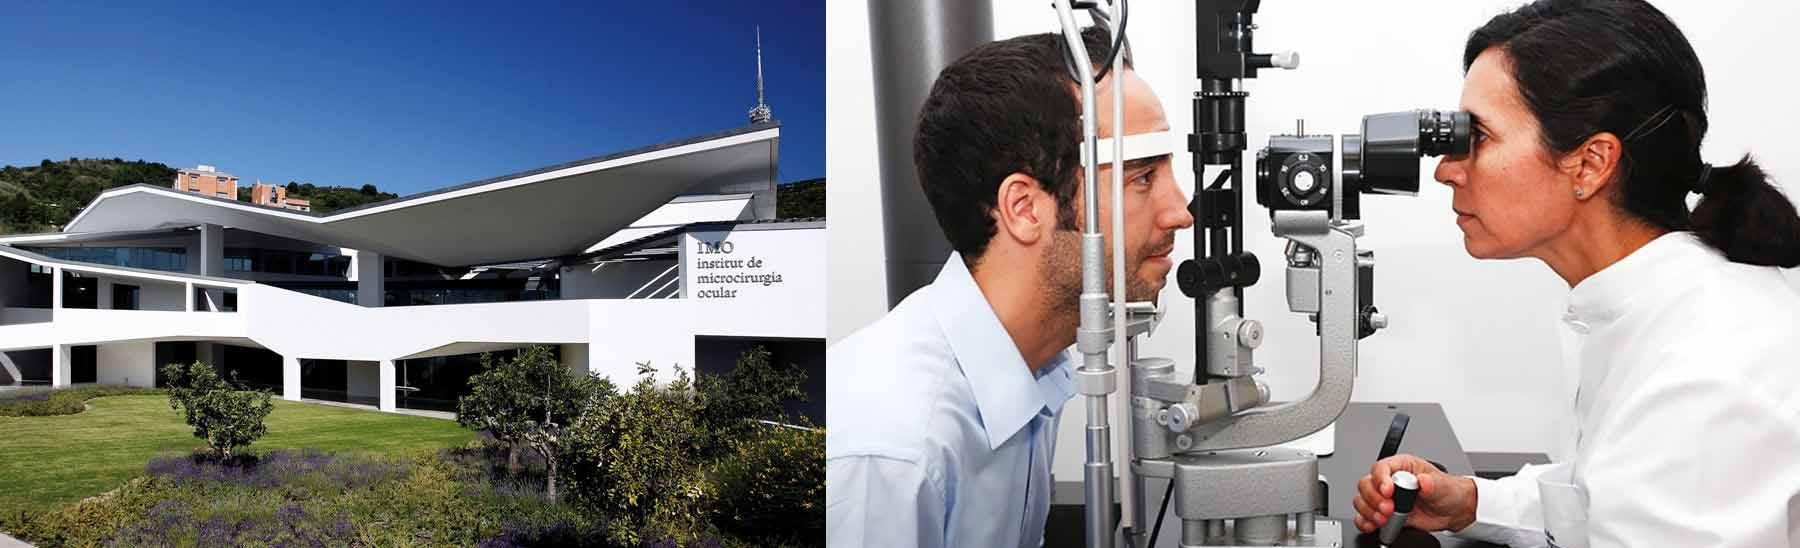 مستشفى برشلونة إسبانيا imo برشلونة - مستشفى ايمو برشلونه